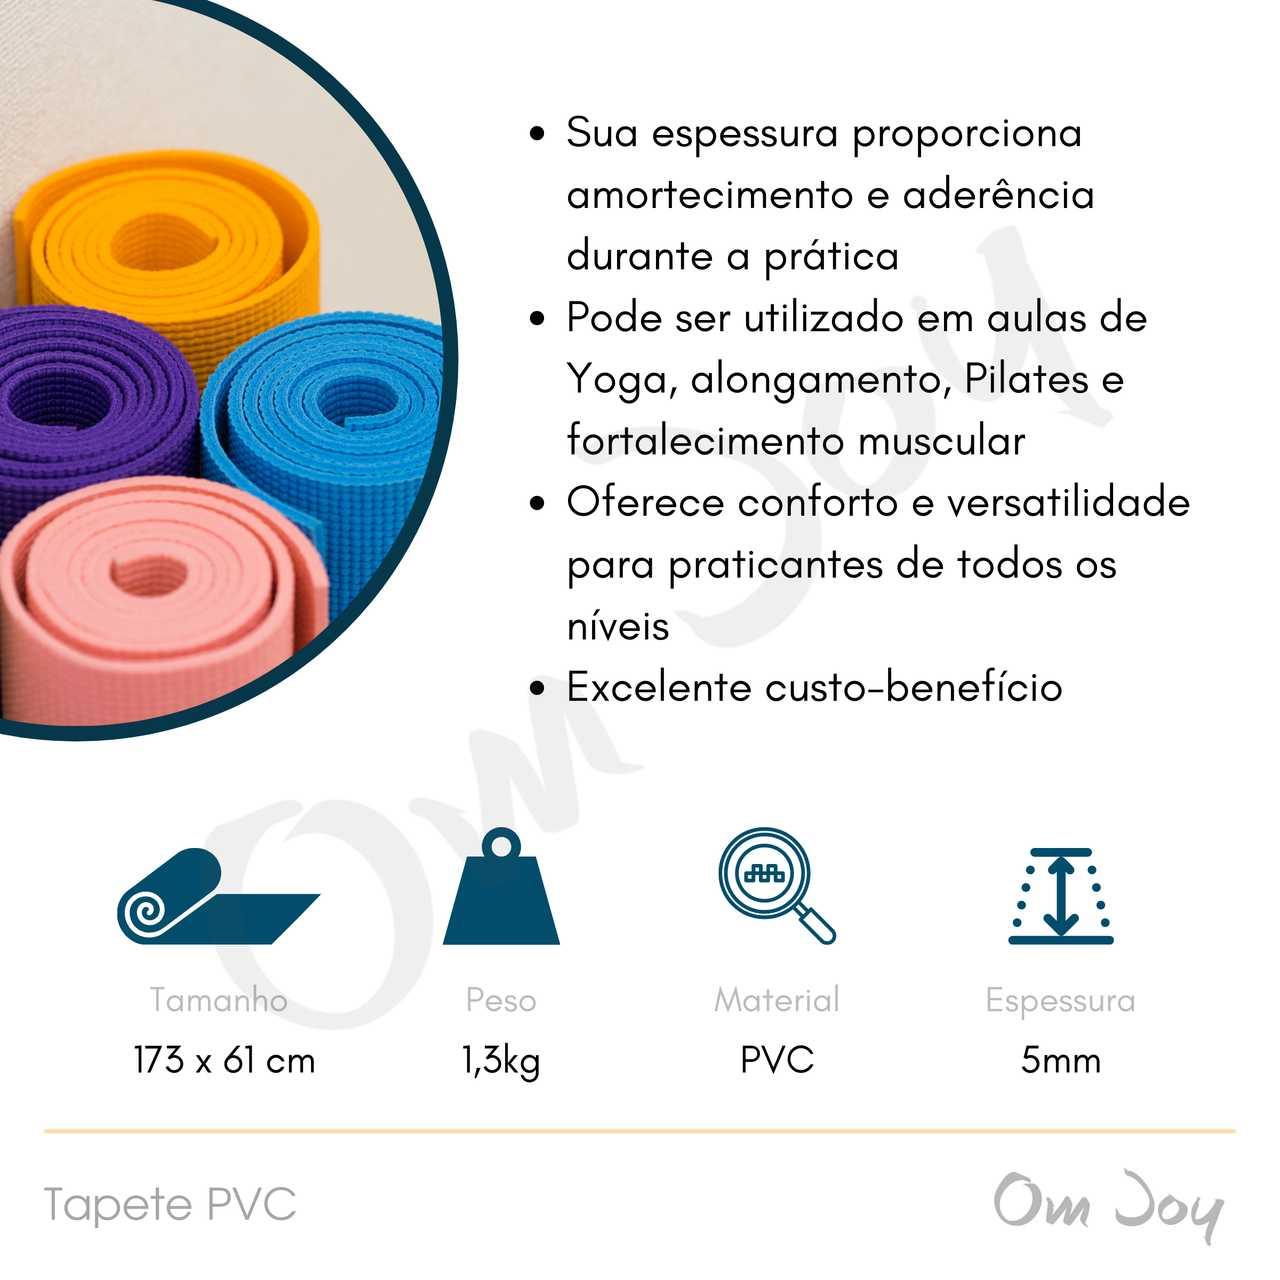 Tapete Básico PVC de Yoga, Pilates e Exercícios Funcionais - 173x61cm